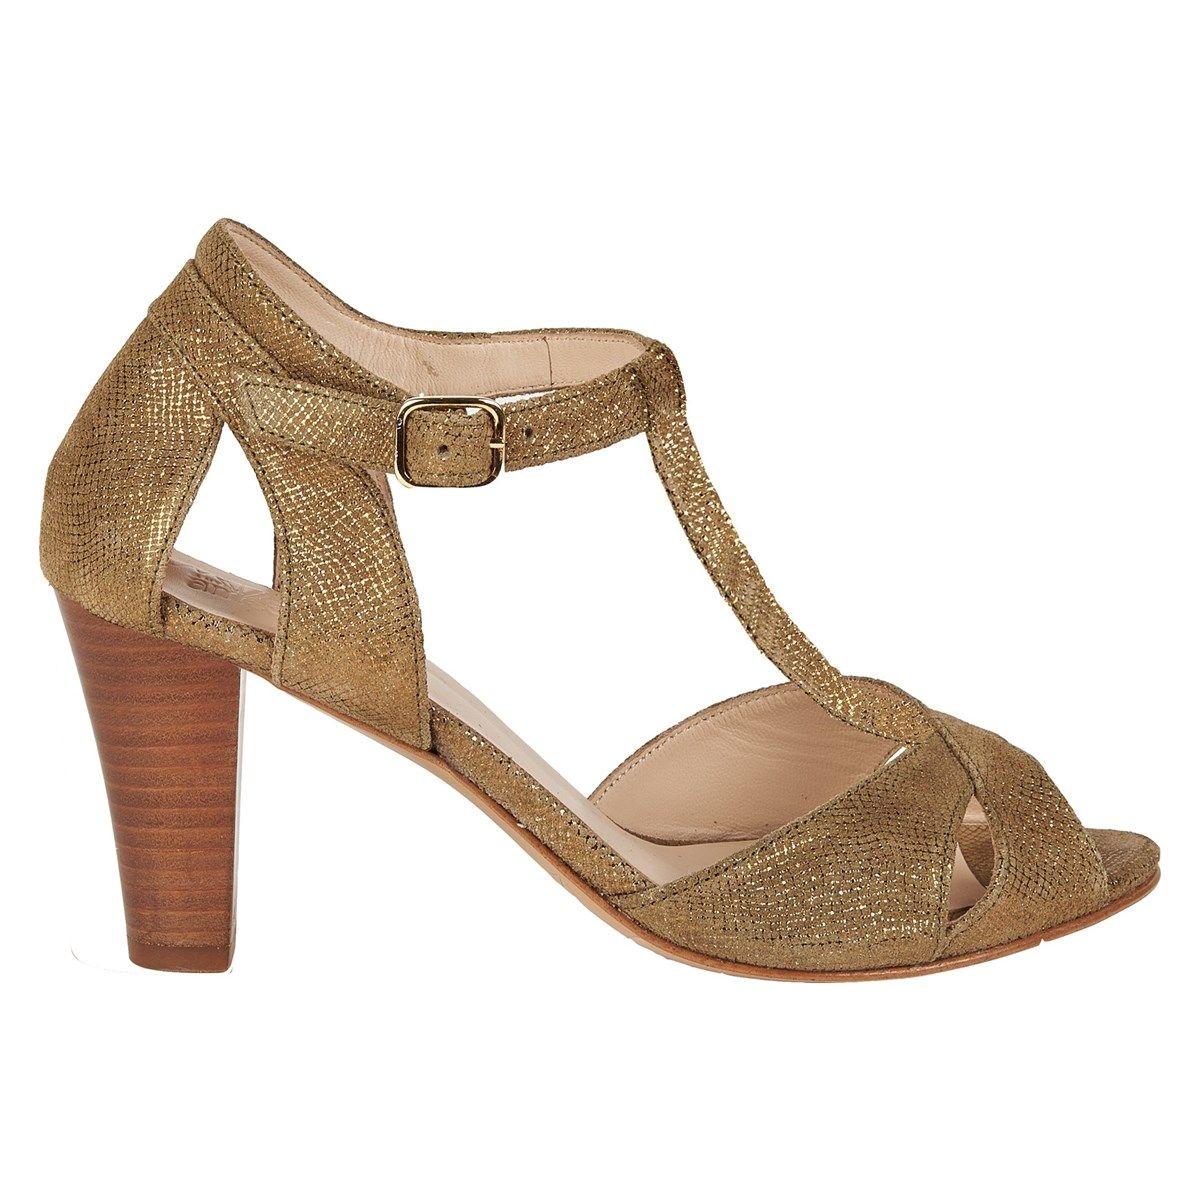 Sandales cuir OLYMPIE